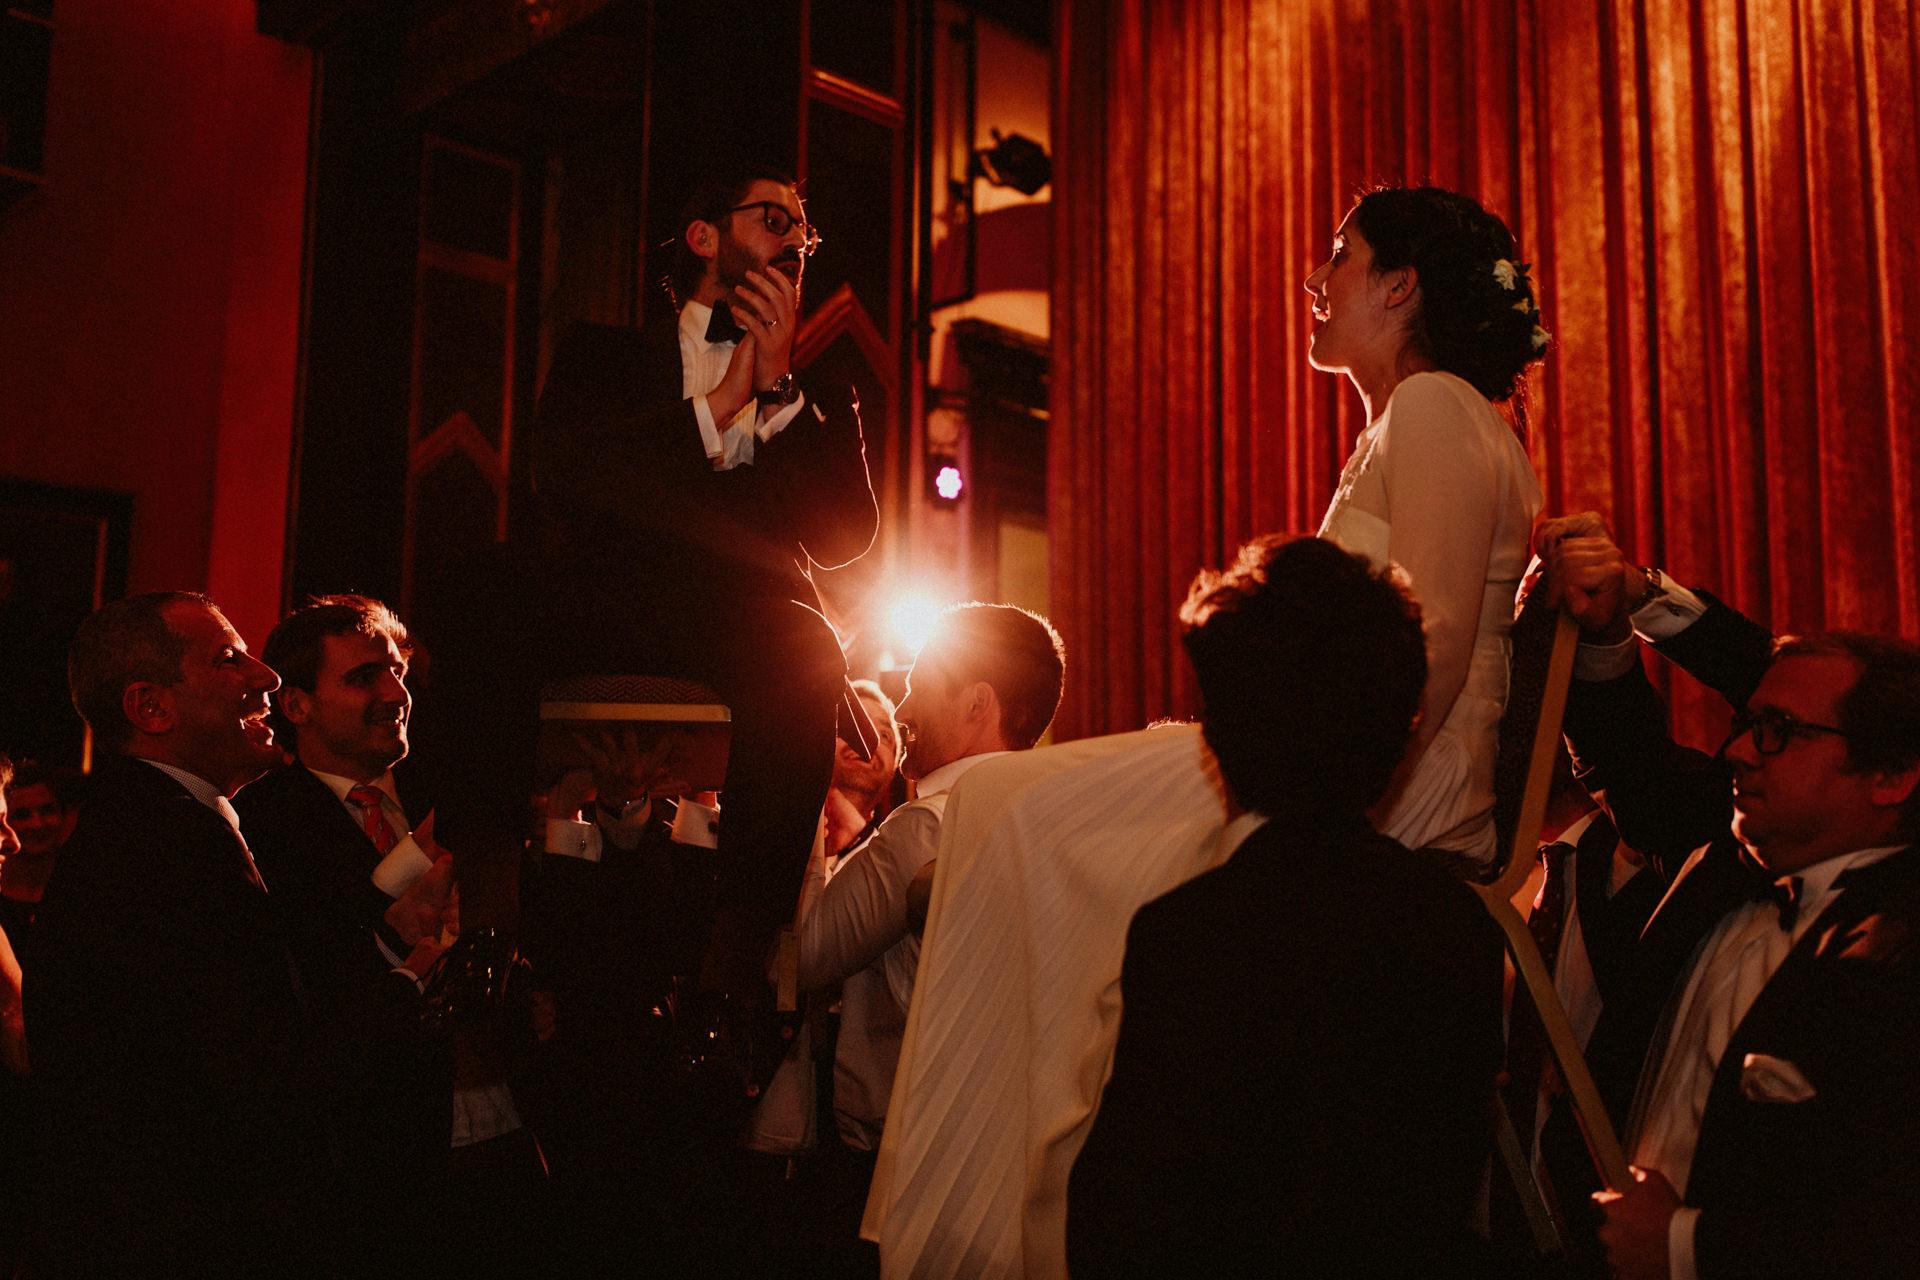 hochzeit party stühle hochheben jüdische tradition